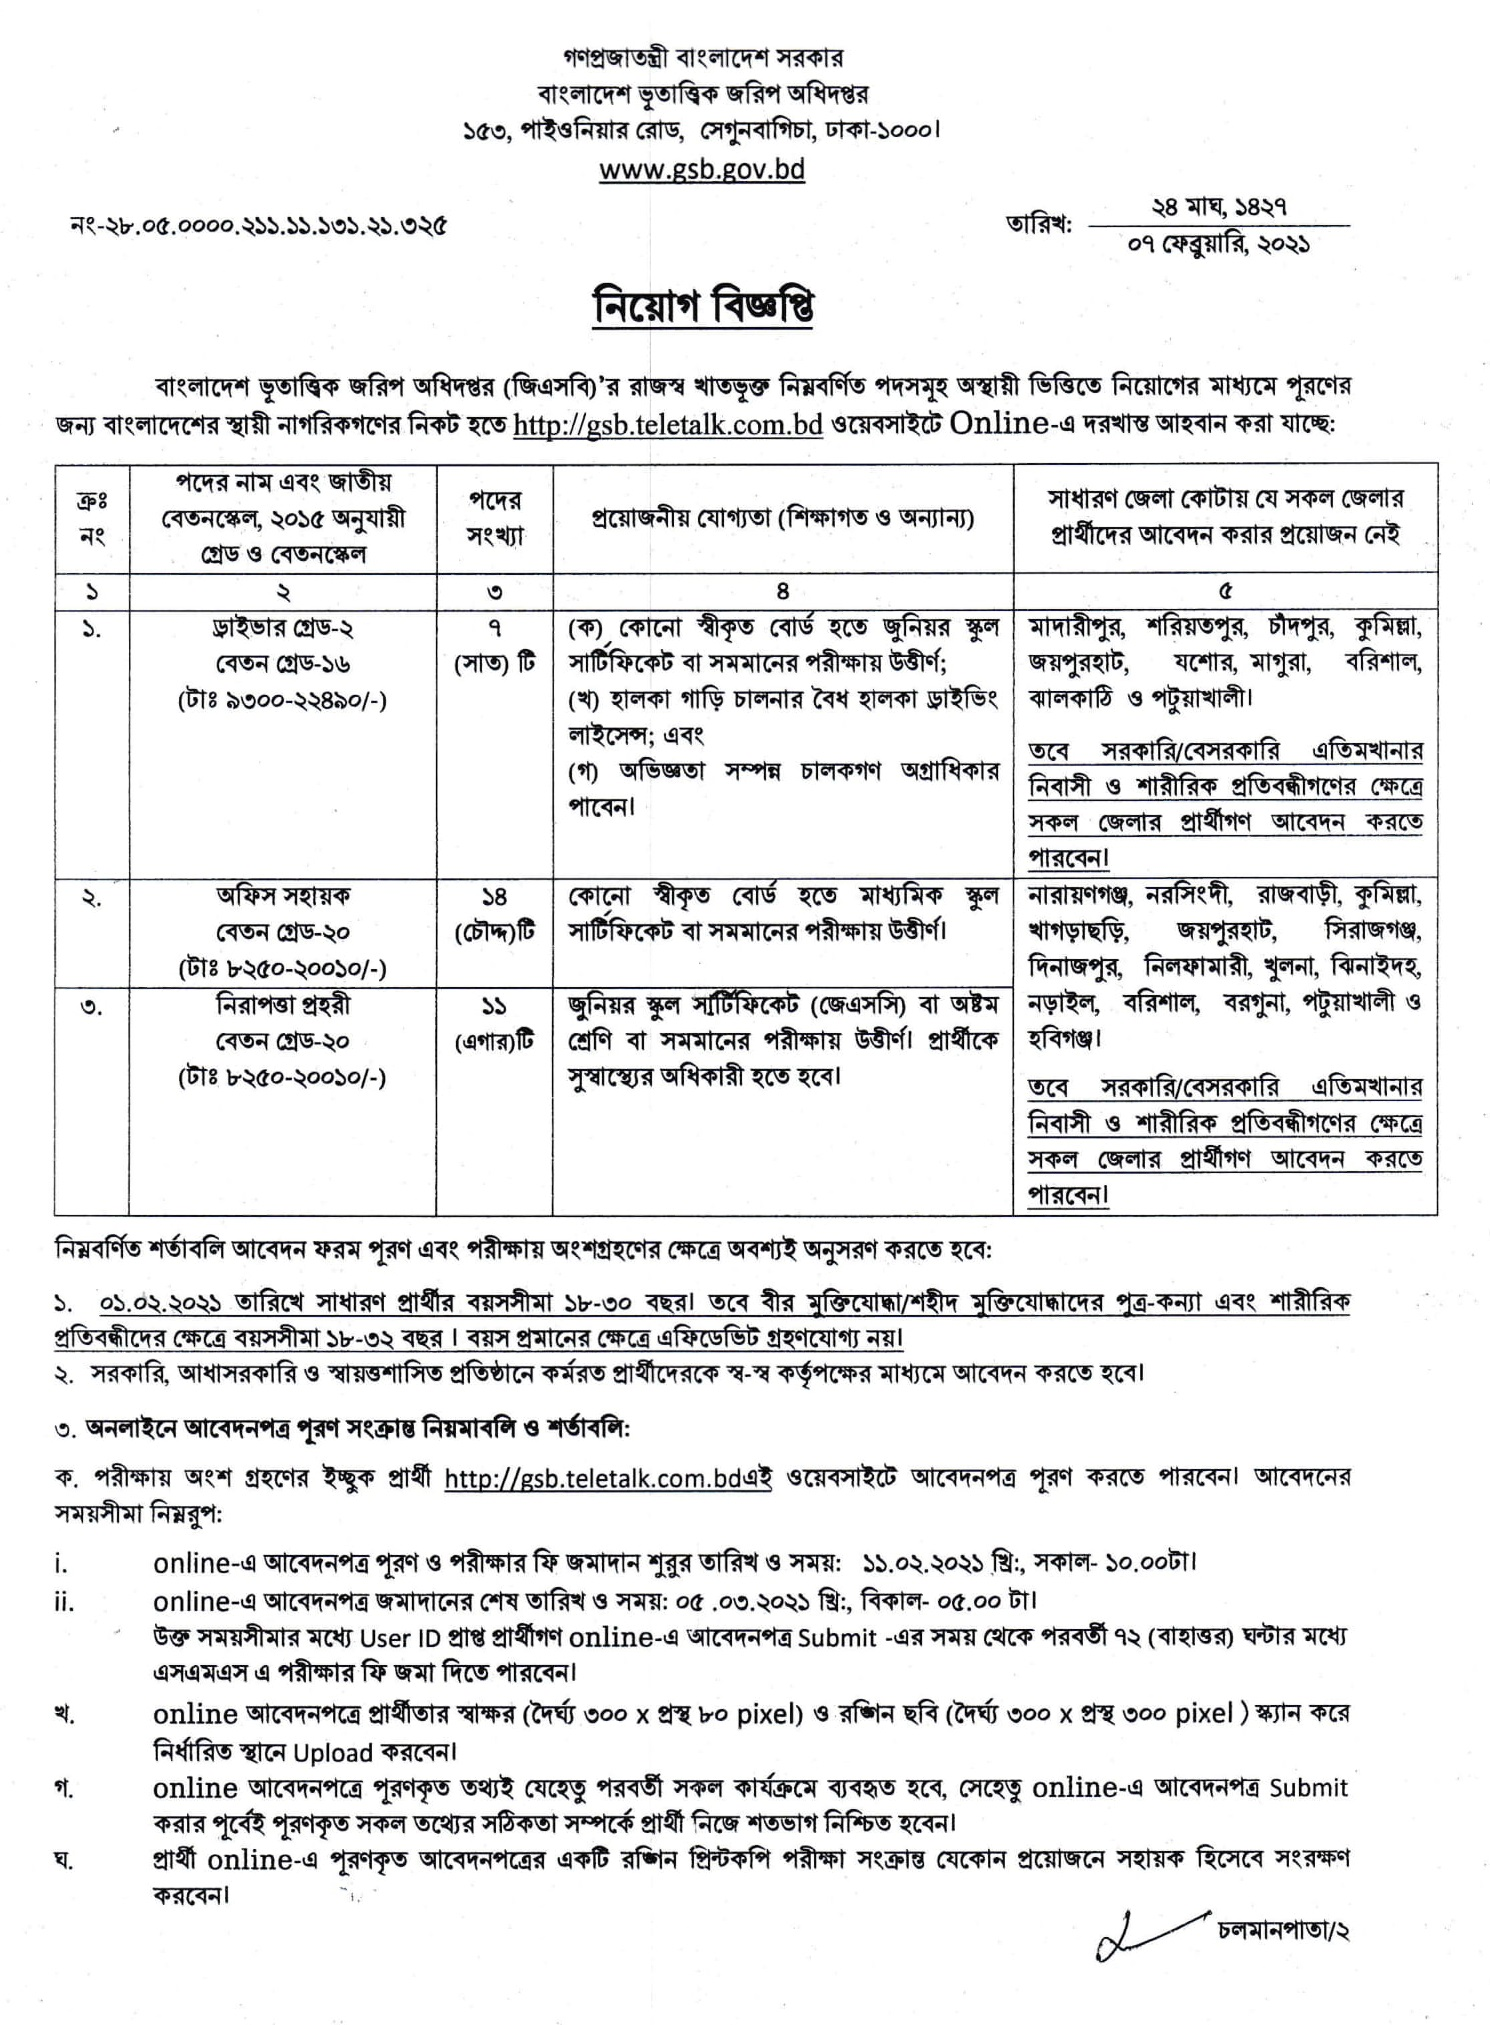 বাংলাদেশ ভূতাত্ত্বিক জরিপ অধিদপ্তর নিয়োগ GSB Job Circular 2021 1